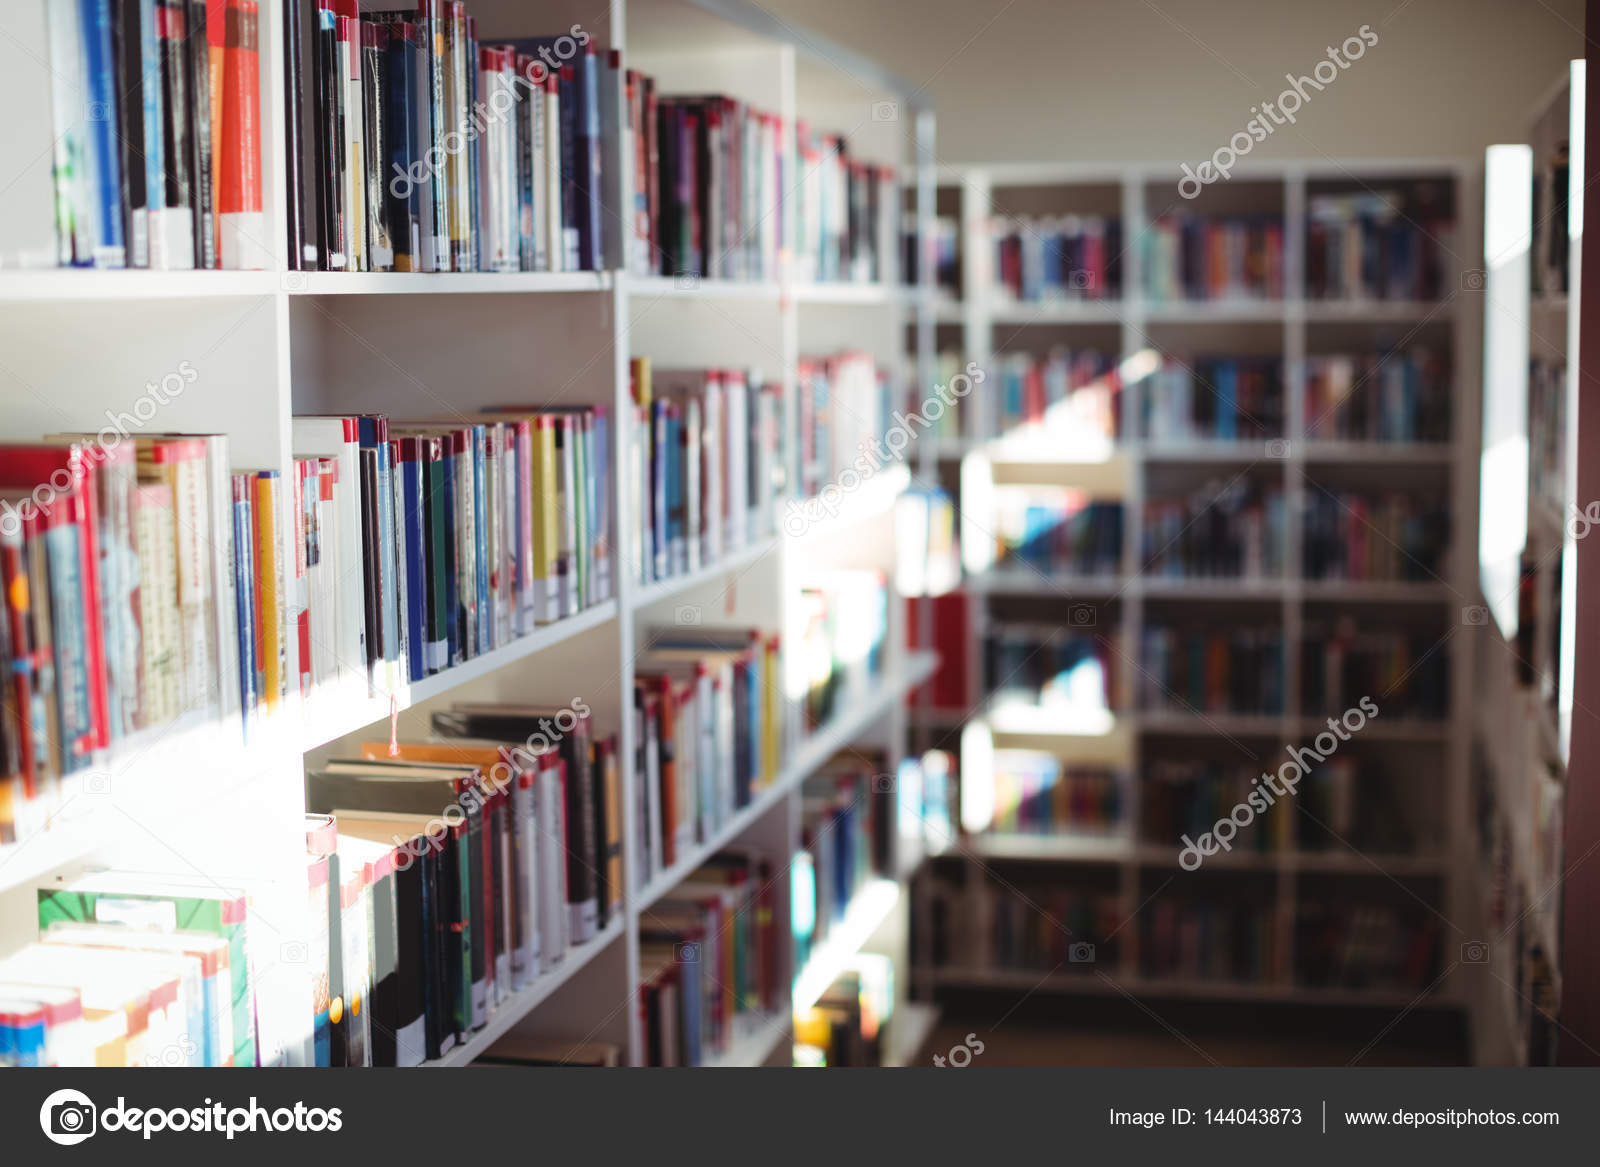 https://st3.depositphotos.com/1518767/14404/i/1600/depositphotos_144043873-stockafbeelding-diverse-boeken-gerangschikt-in-de.jpg